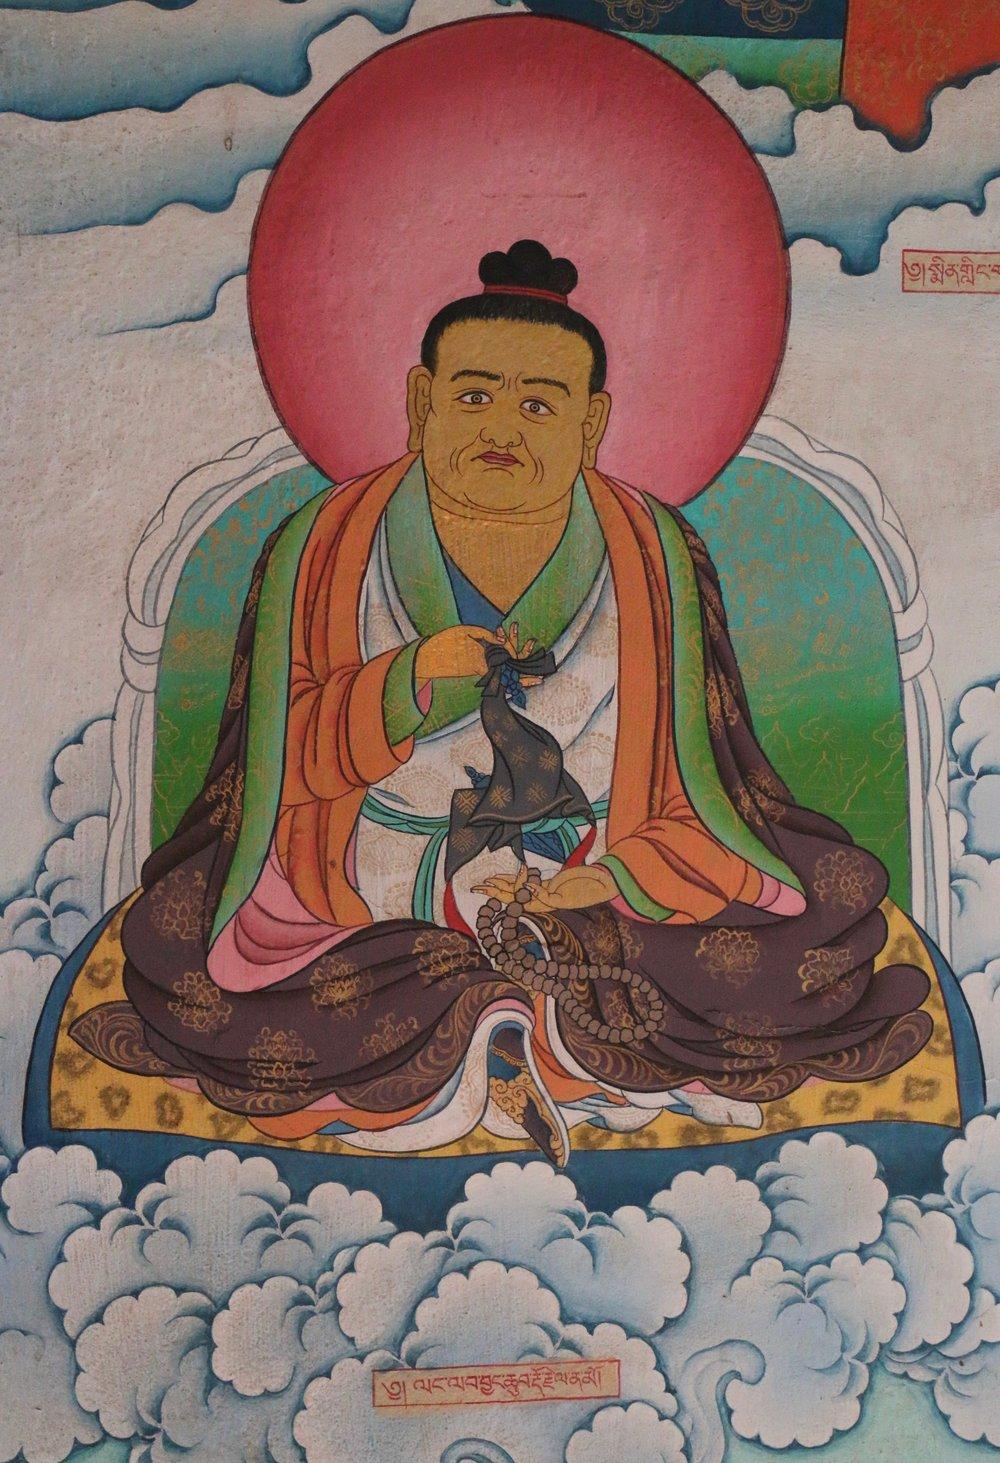 Langlab Changchub Dorje